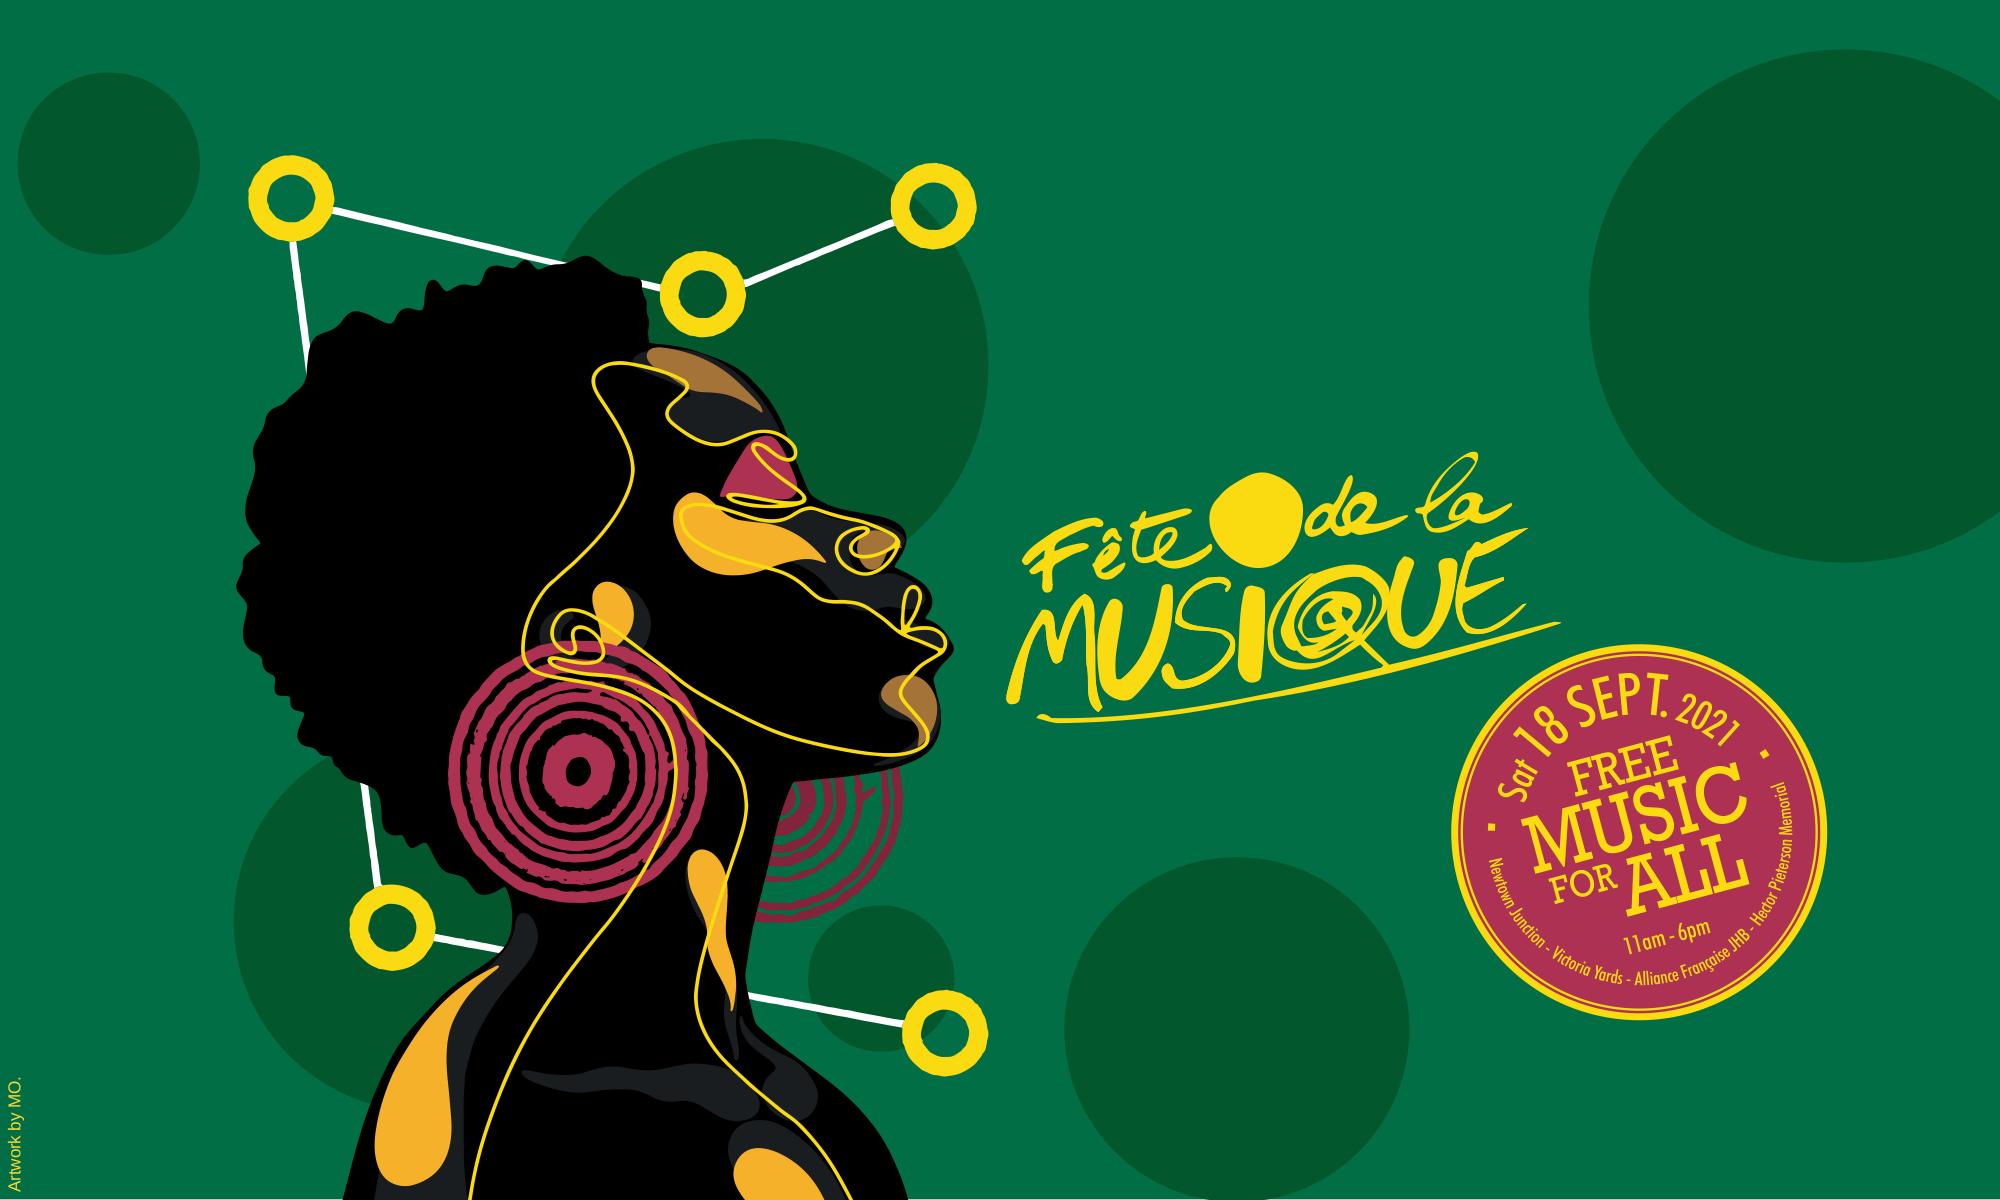 Fête de la Musique - Johannesburg